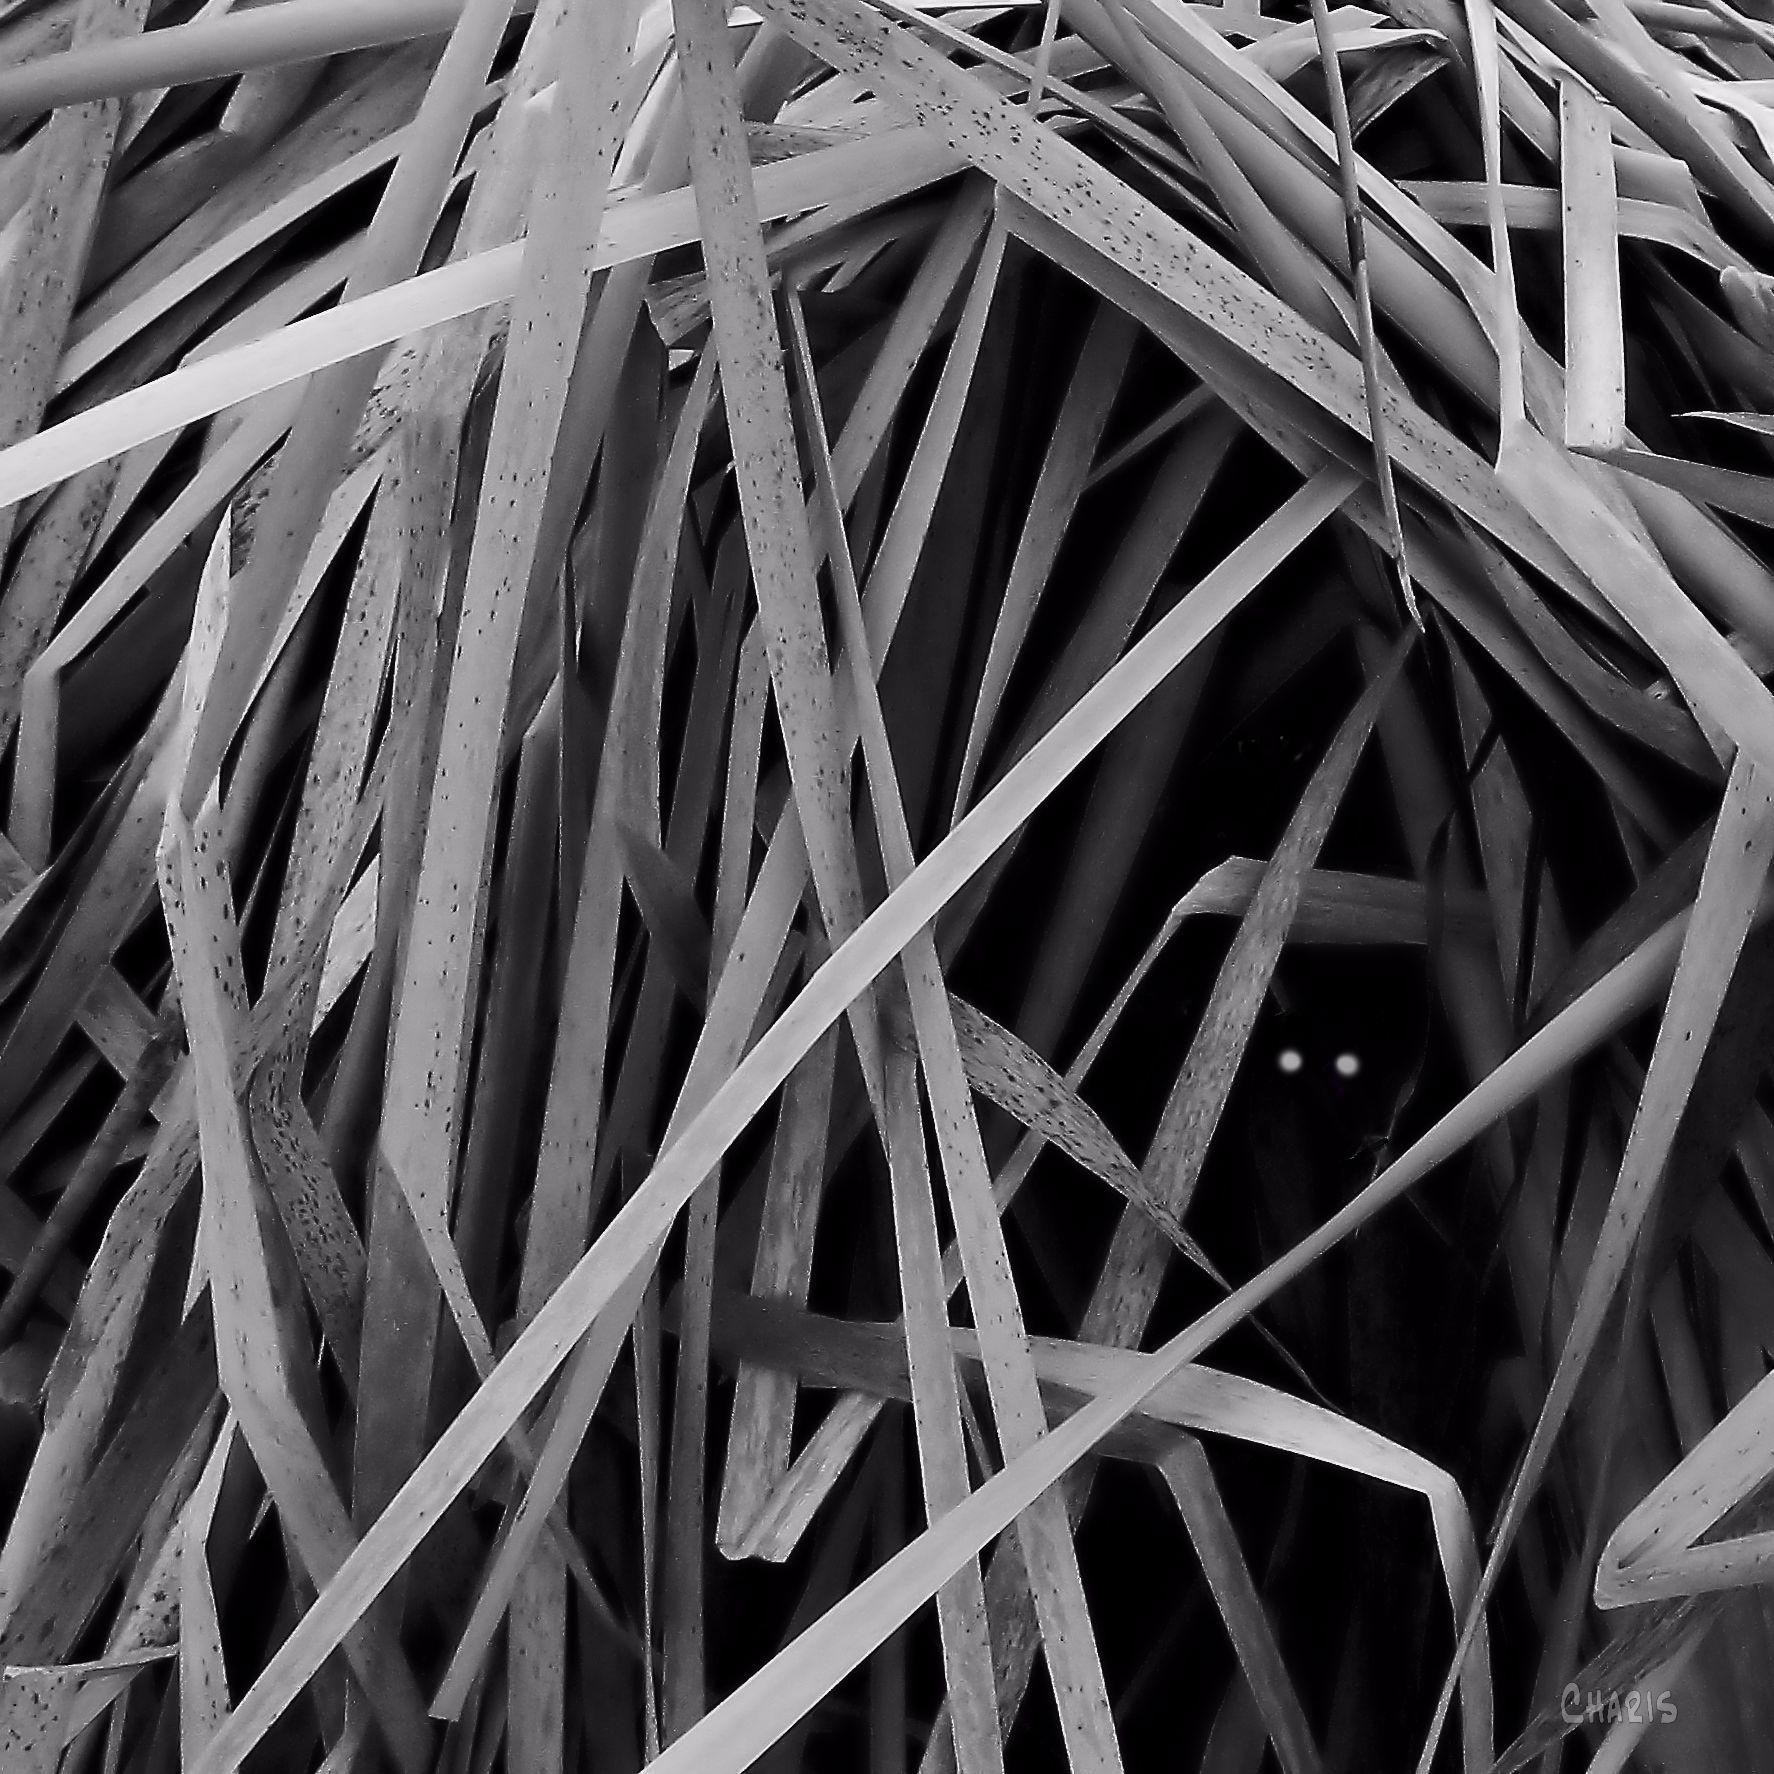 two eyes reeds bw sq 027 bw